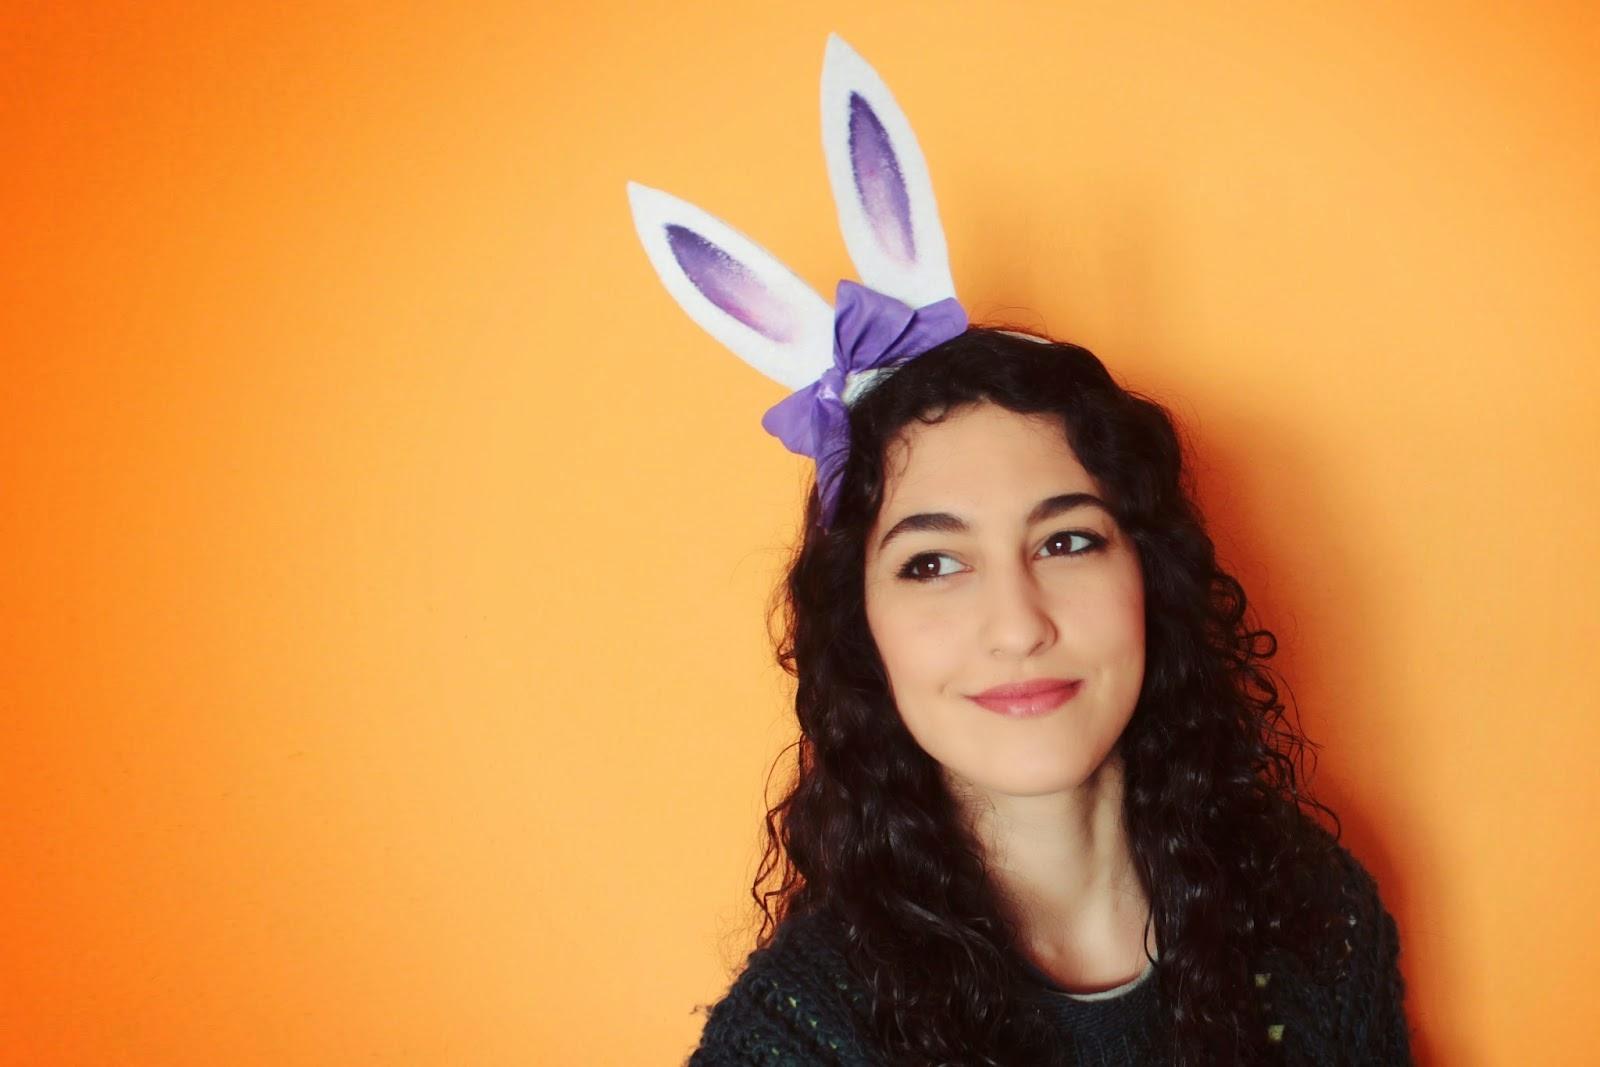 http://curlymade.blogspot.pt/2014/03/diy-bunny-headband.html